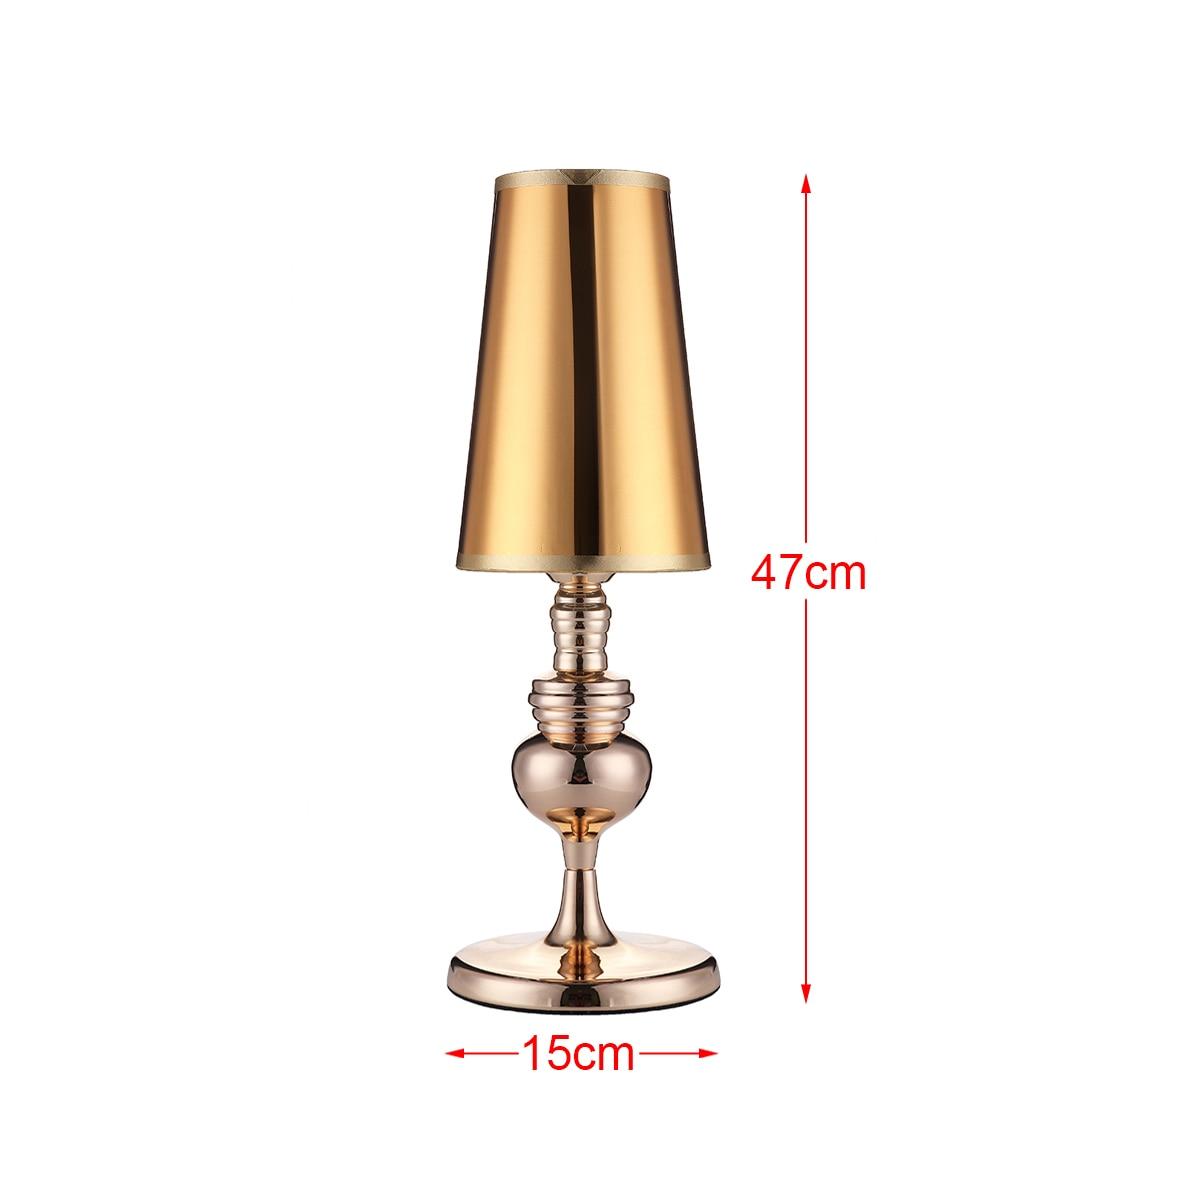 Lámpara de mesa decoración del hogar regalo luz nocturna moderna 47cm altura alta-Glos arte lámpara de noche para dormitorio lámparas de habitación de sala de estar interior